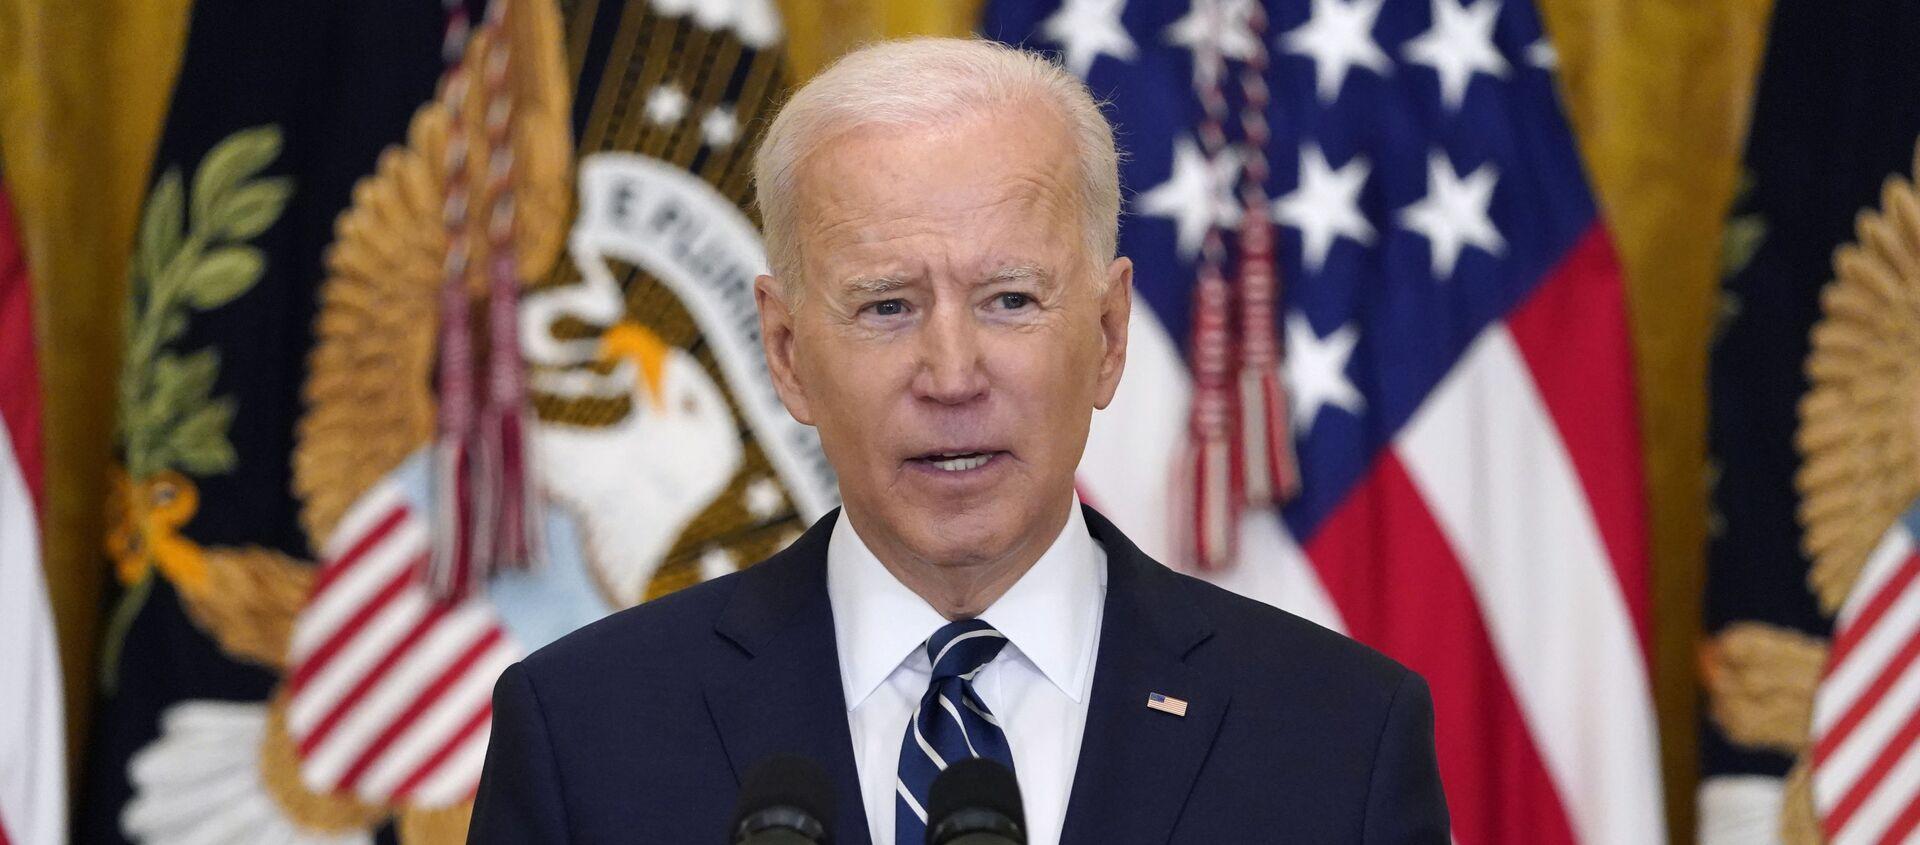 Tổng thống Hoa Kỳ Joe Biden trong cuộc họp báo chính thức đầu tiên trên cương vị Tổng thống ở Washington, Mỹ. - Sputnik Việt Nam, 1920, 29.04.2021